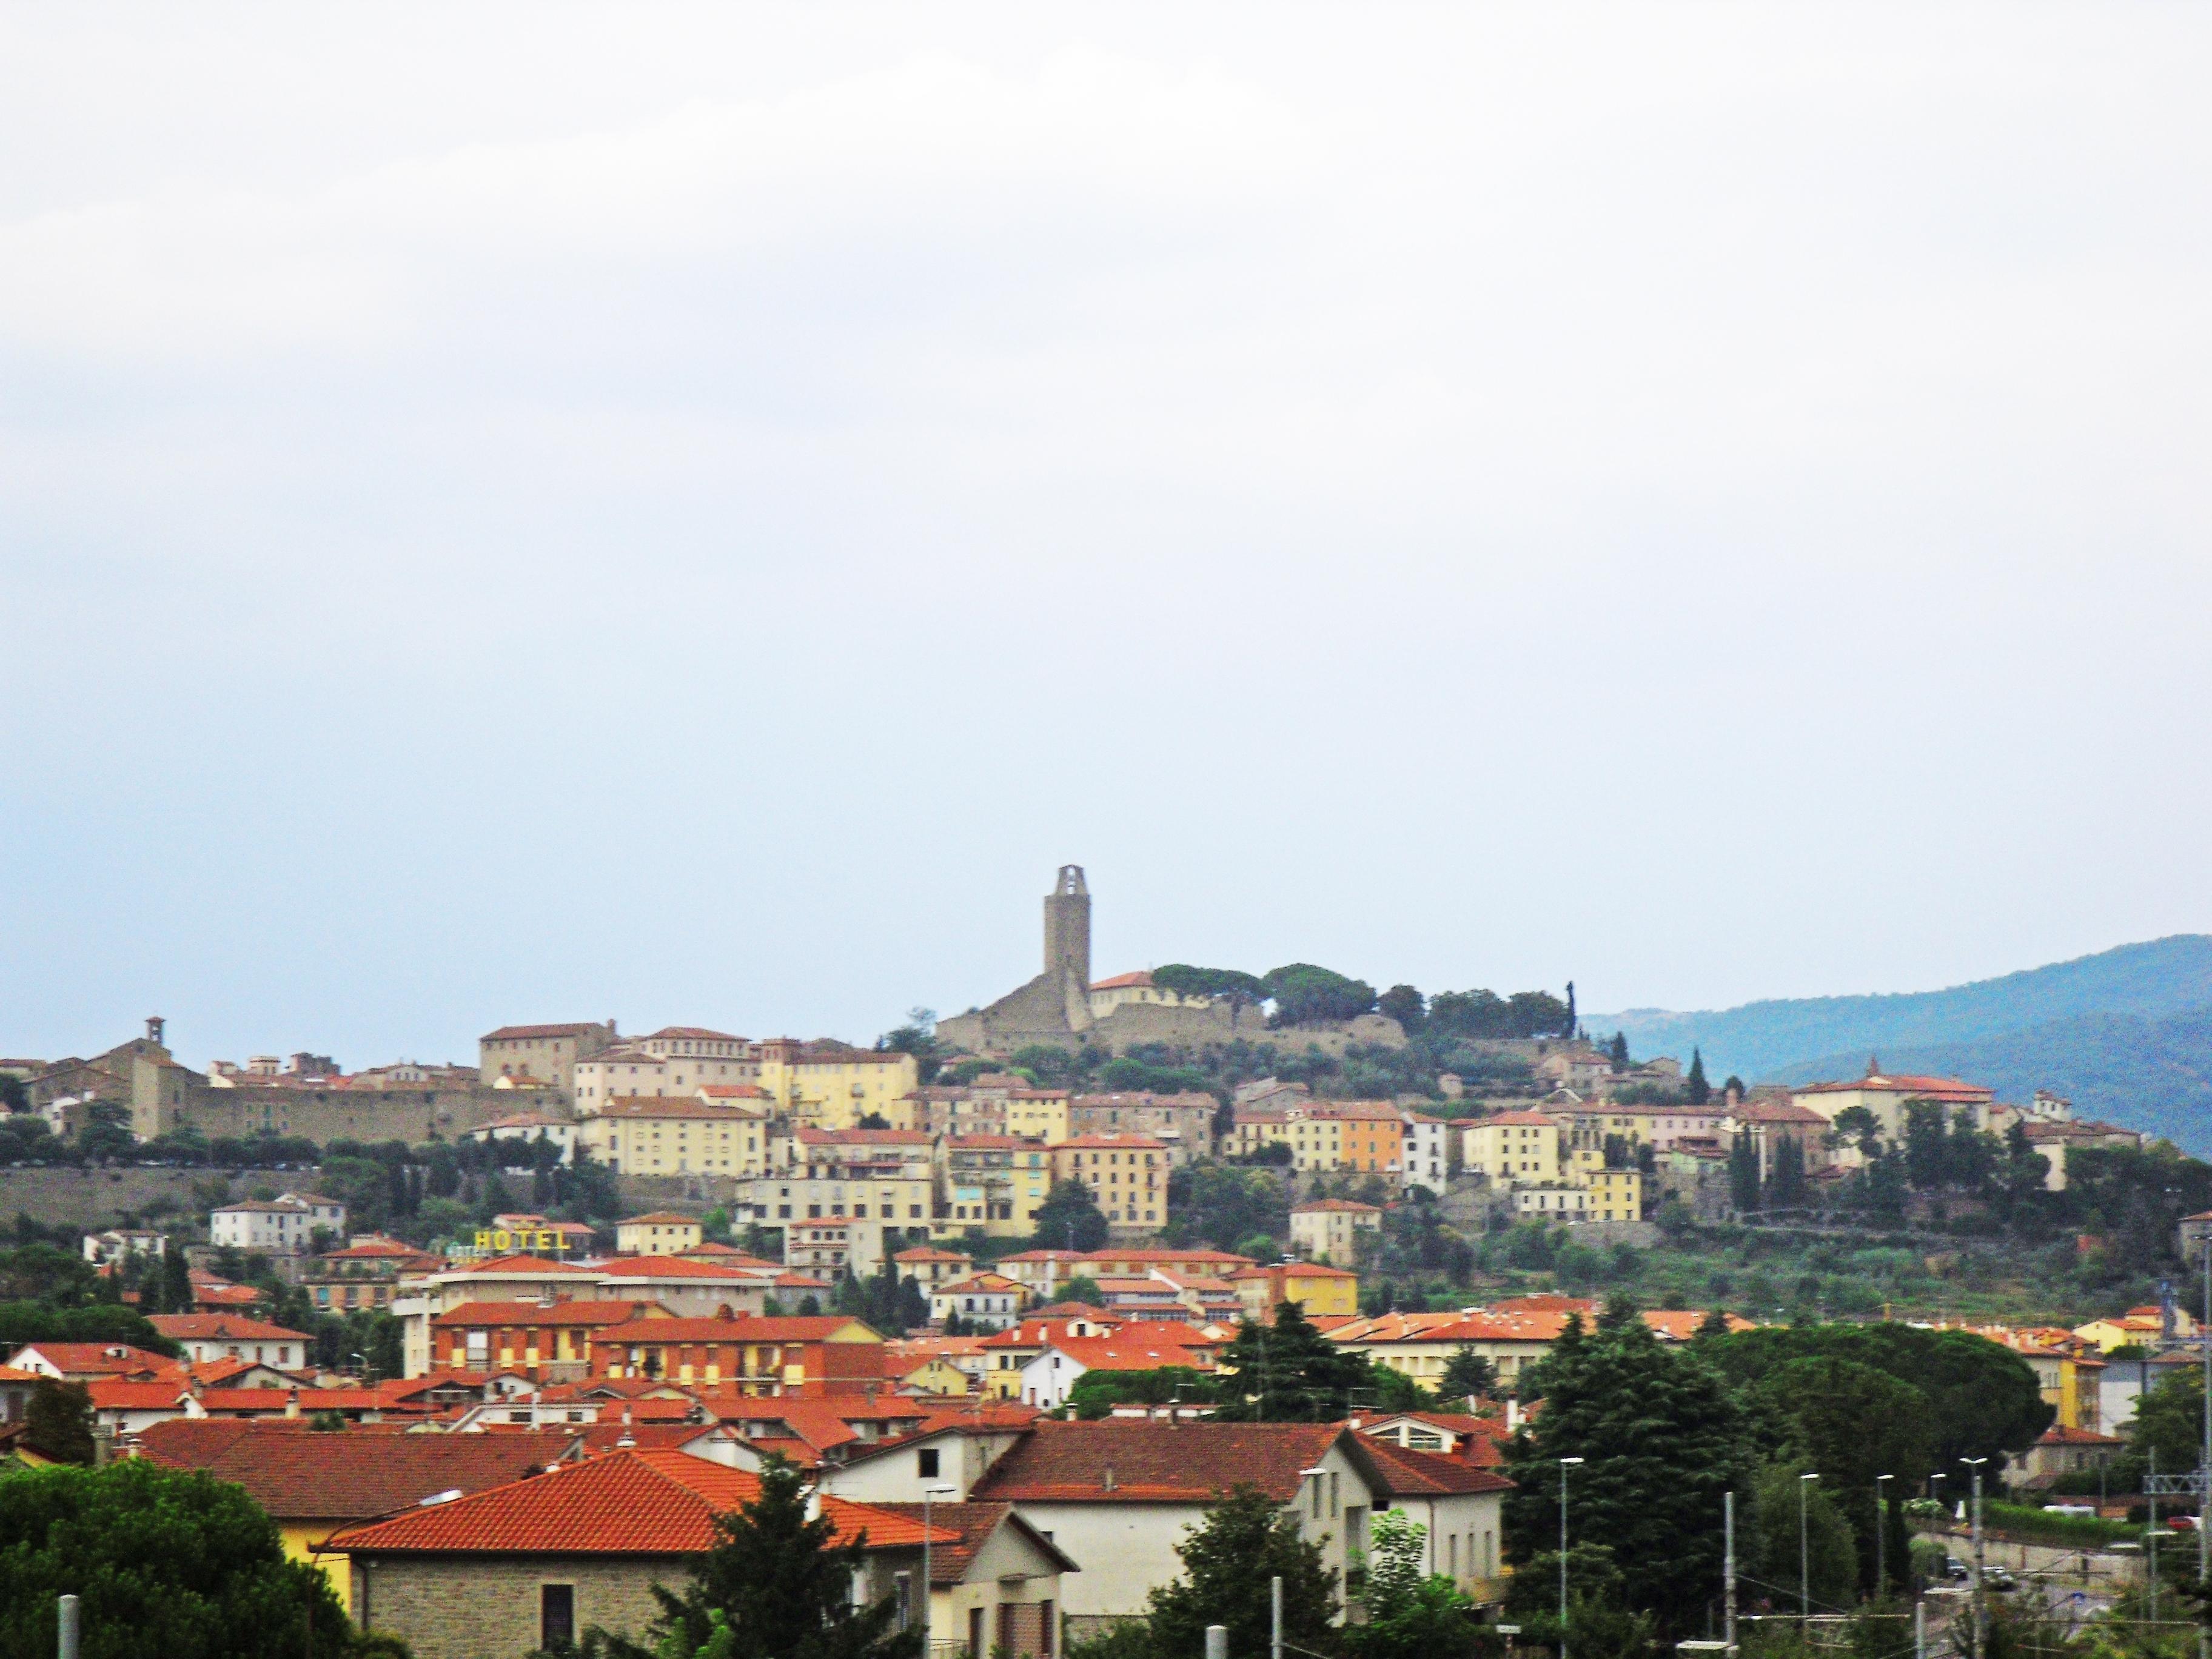 Castiglion Fiorentino: Caporali e i suoi sparano su Brandi e Cesarini